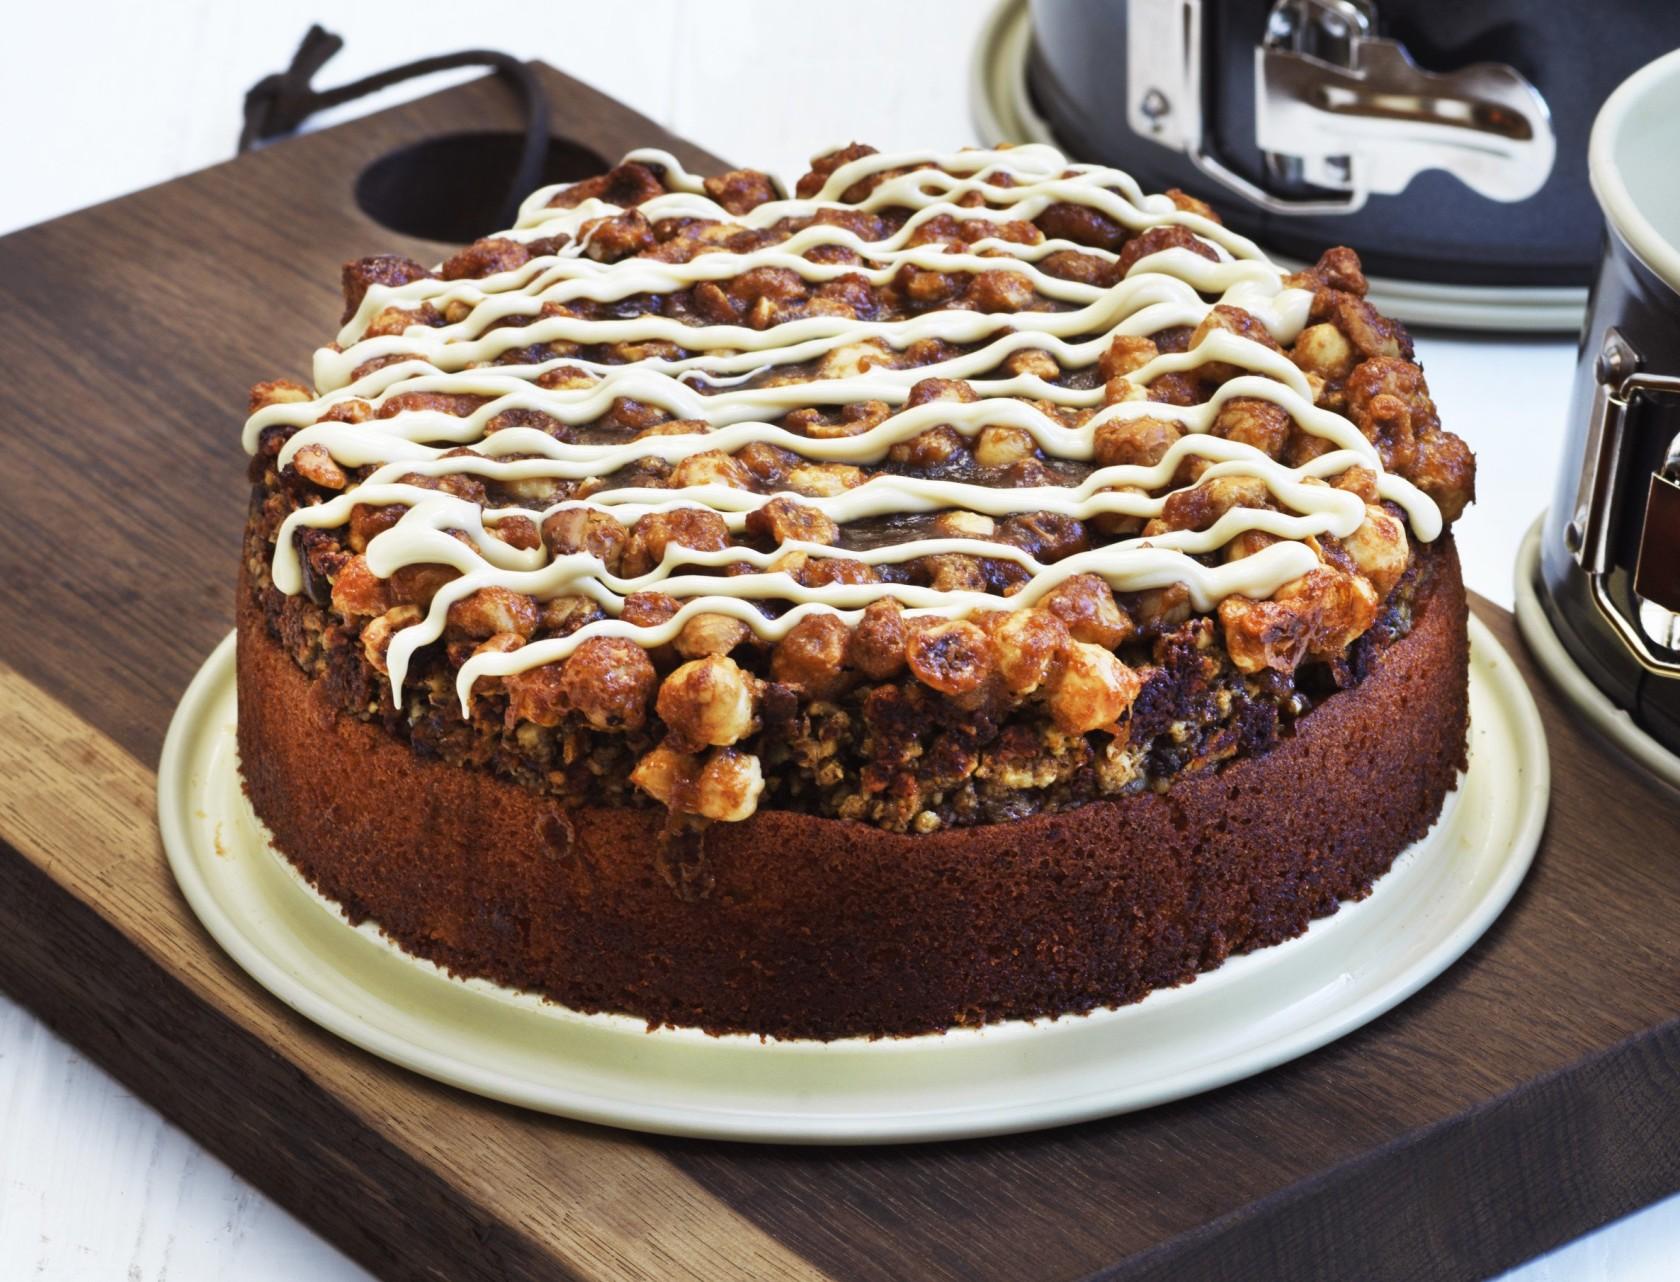 Toscakage med sprød nøddetopping - god opskrift på den bedste kage!